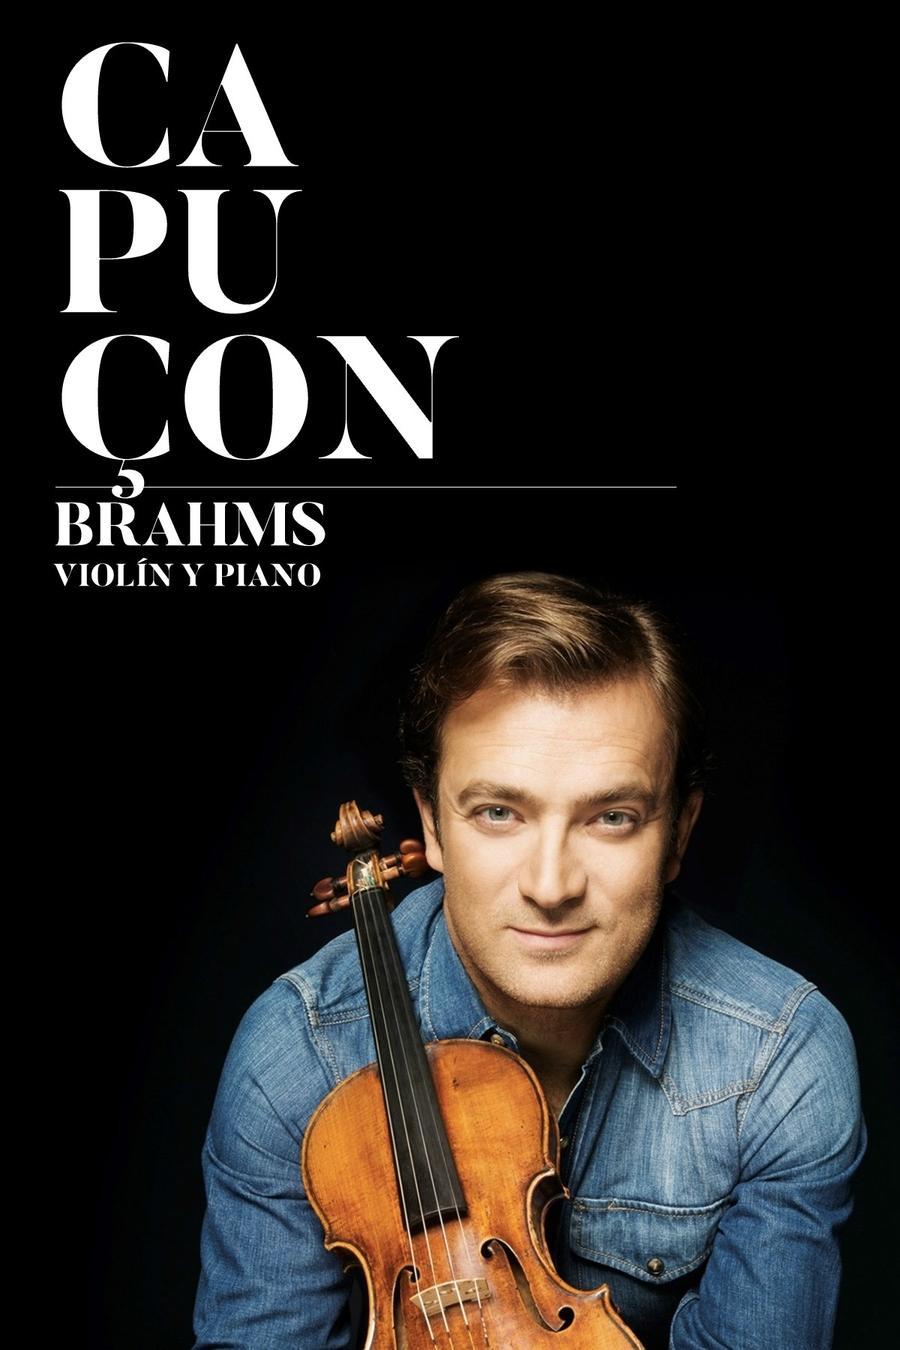 Brahms por Capuçon